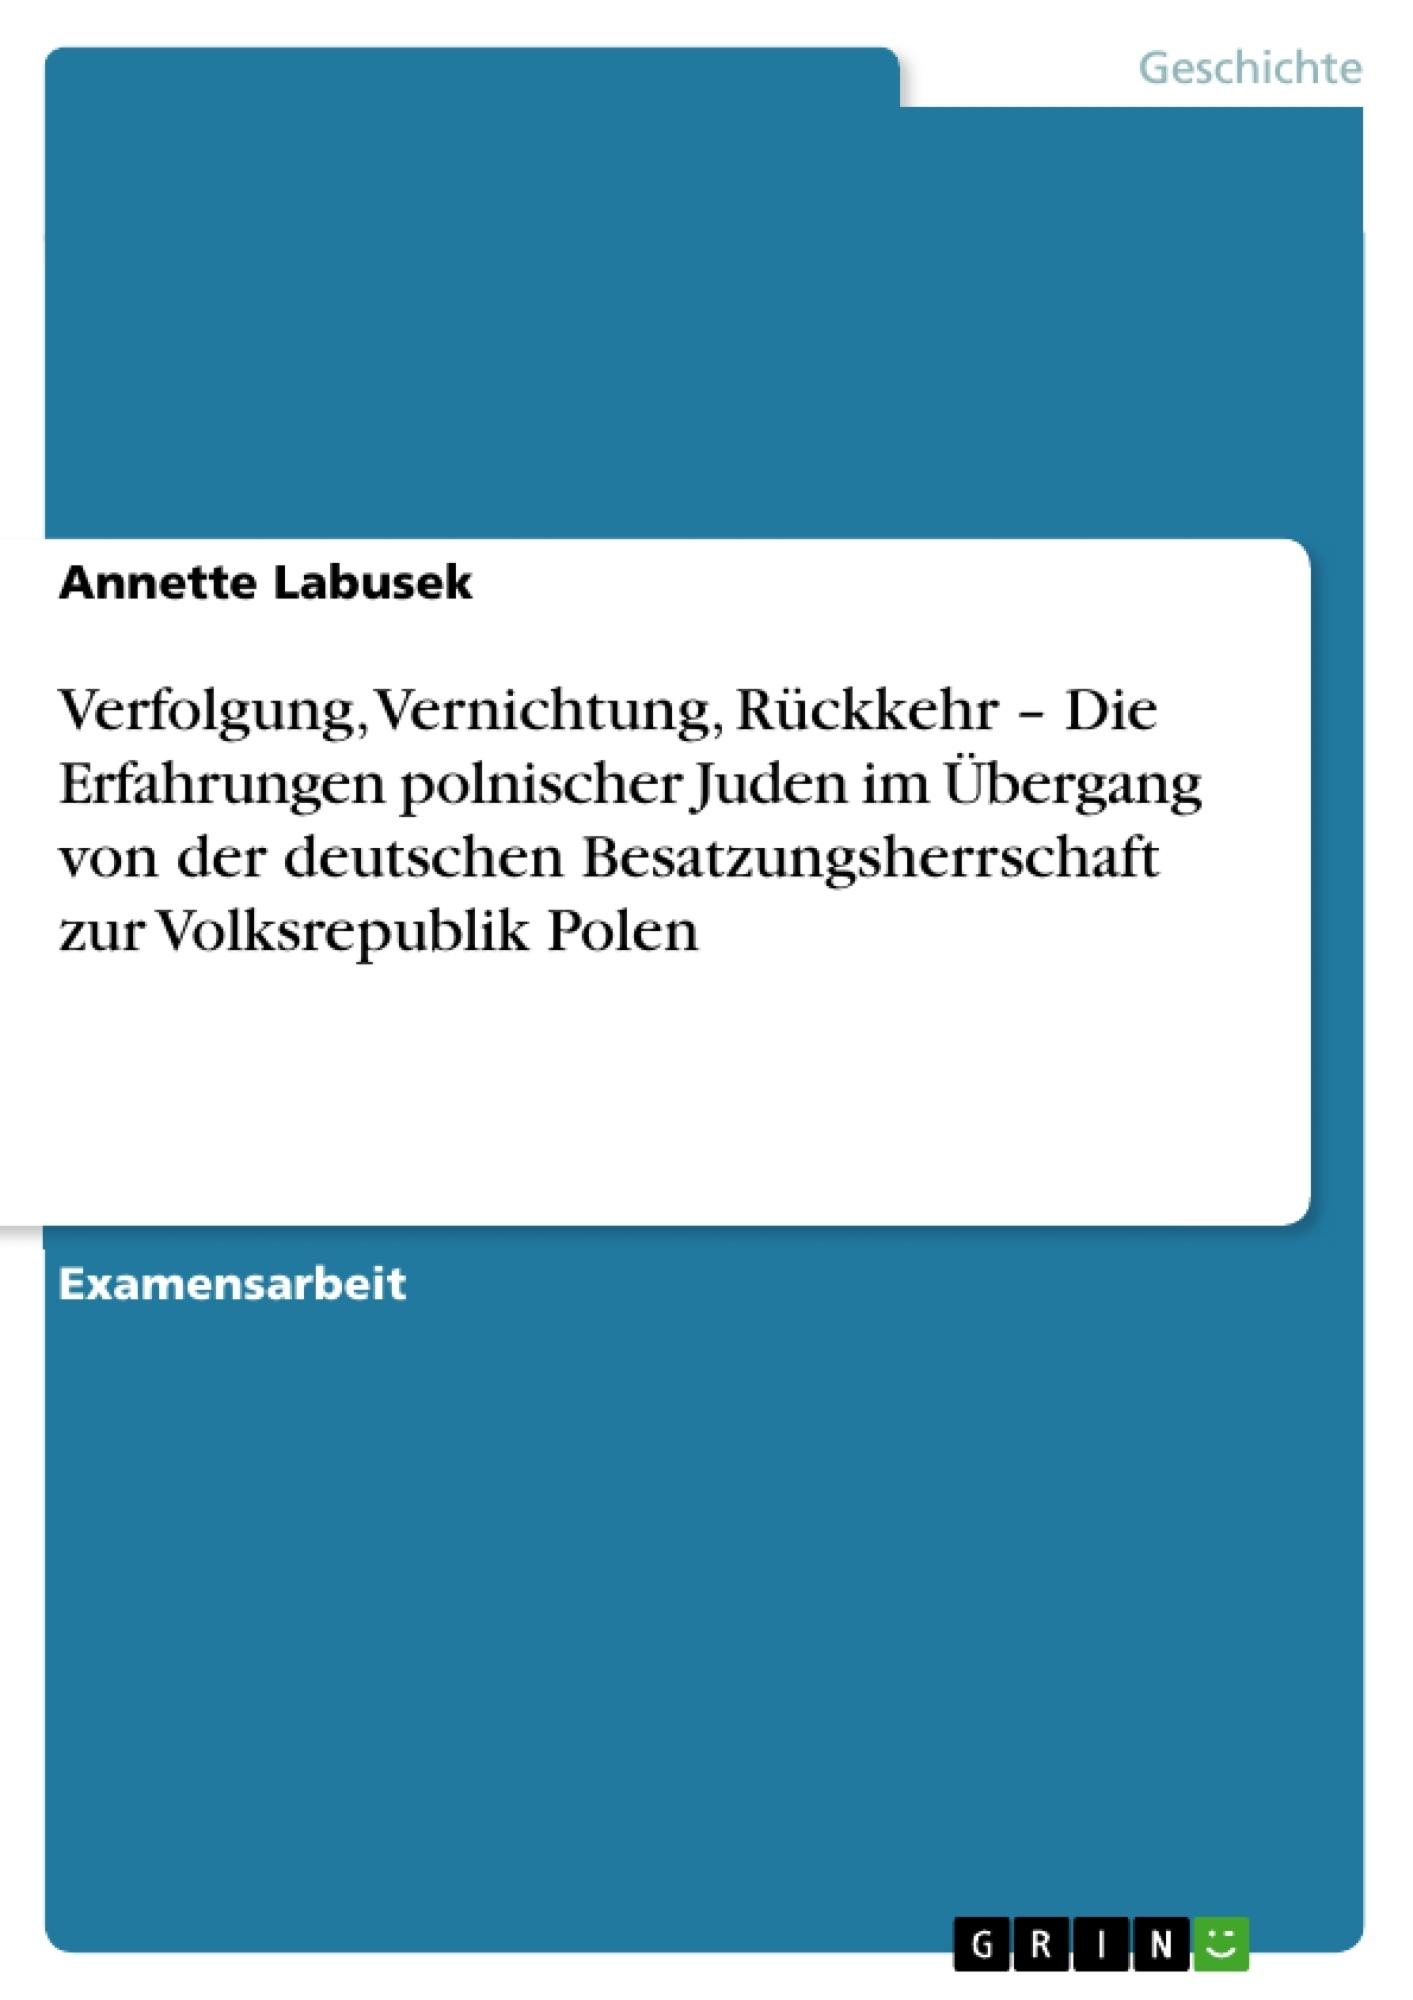 Titel: Verfolgung, Vernichtung, Rückkehr – Die Erfahrungen polnischer Juden im Übergang von der deutschen Besatzungsherrschaft zur Volksrepublik Polen